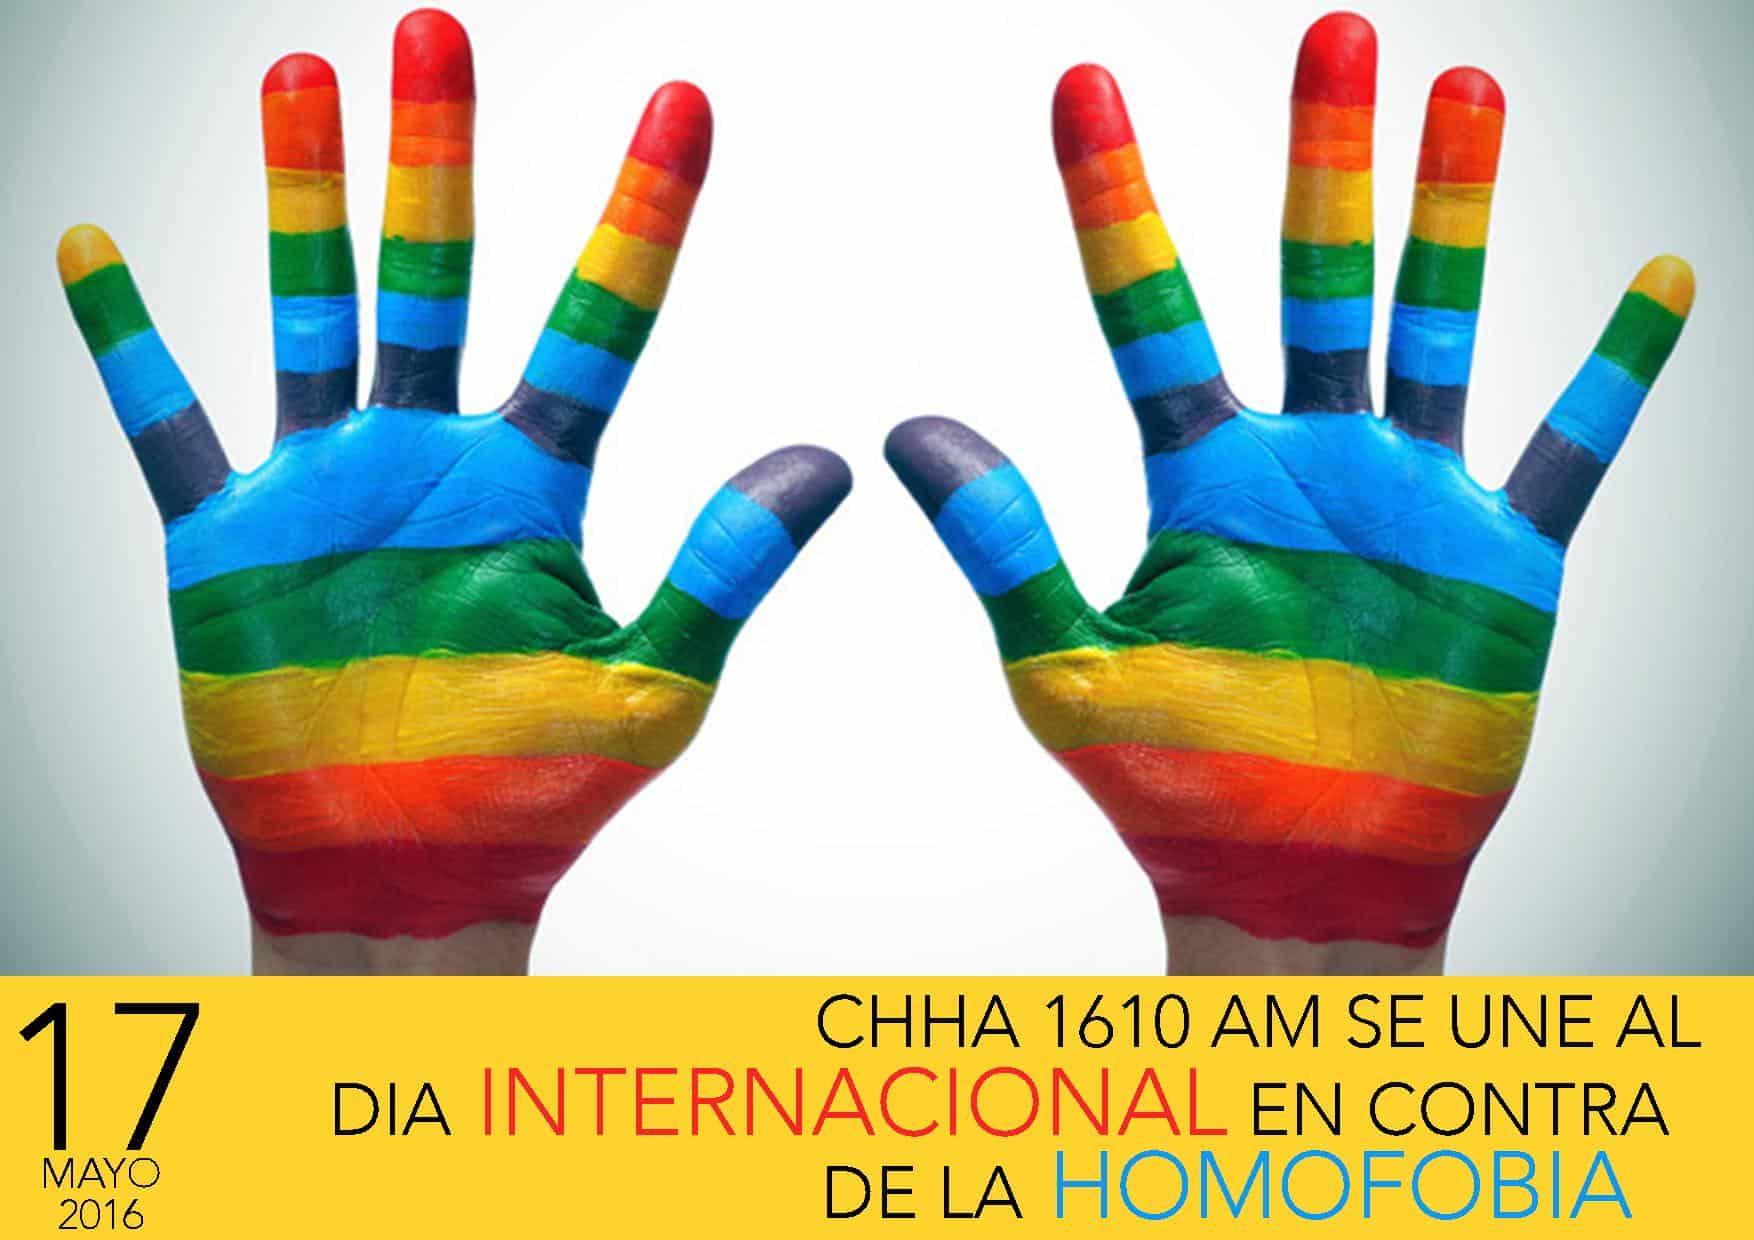 17 de Mayo, Día Internacional en contra de la homofobia y transfobia